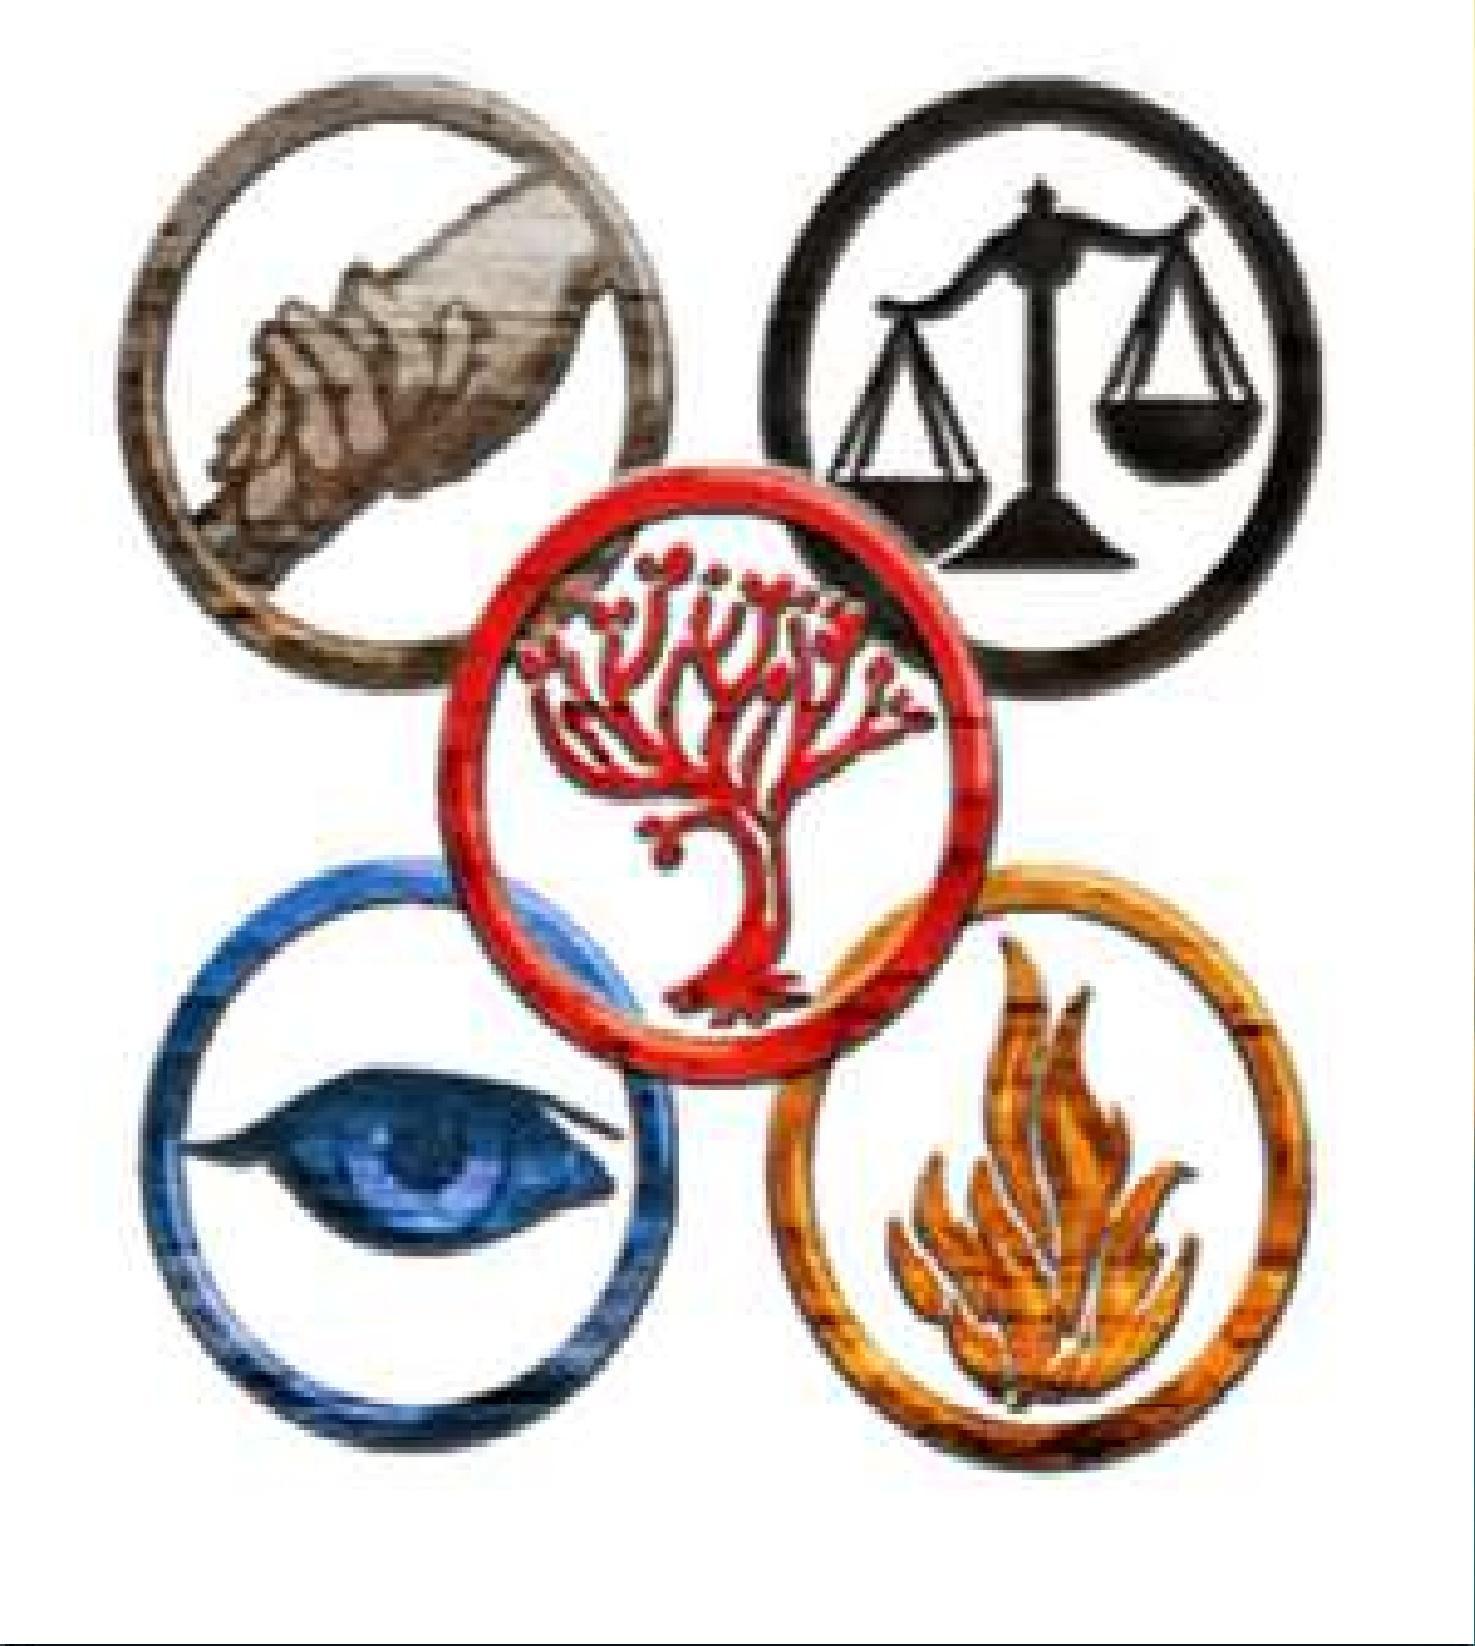 divergent symbol tattoo - HD1024×1024